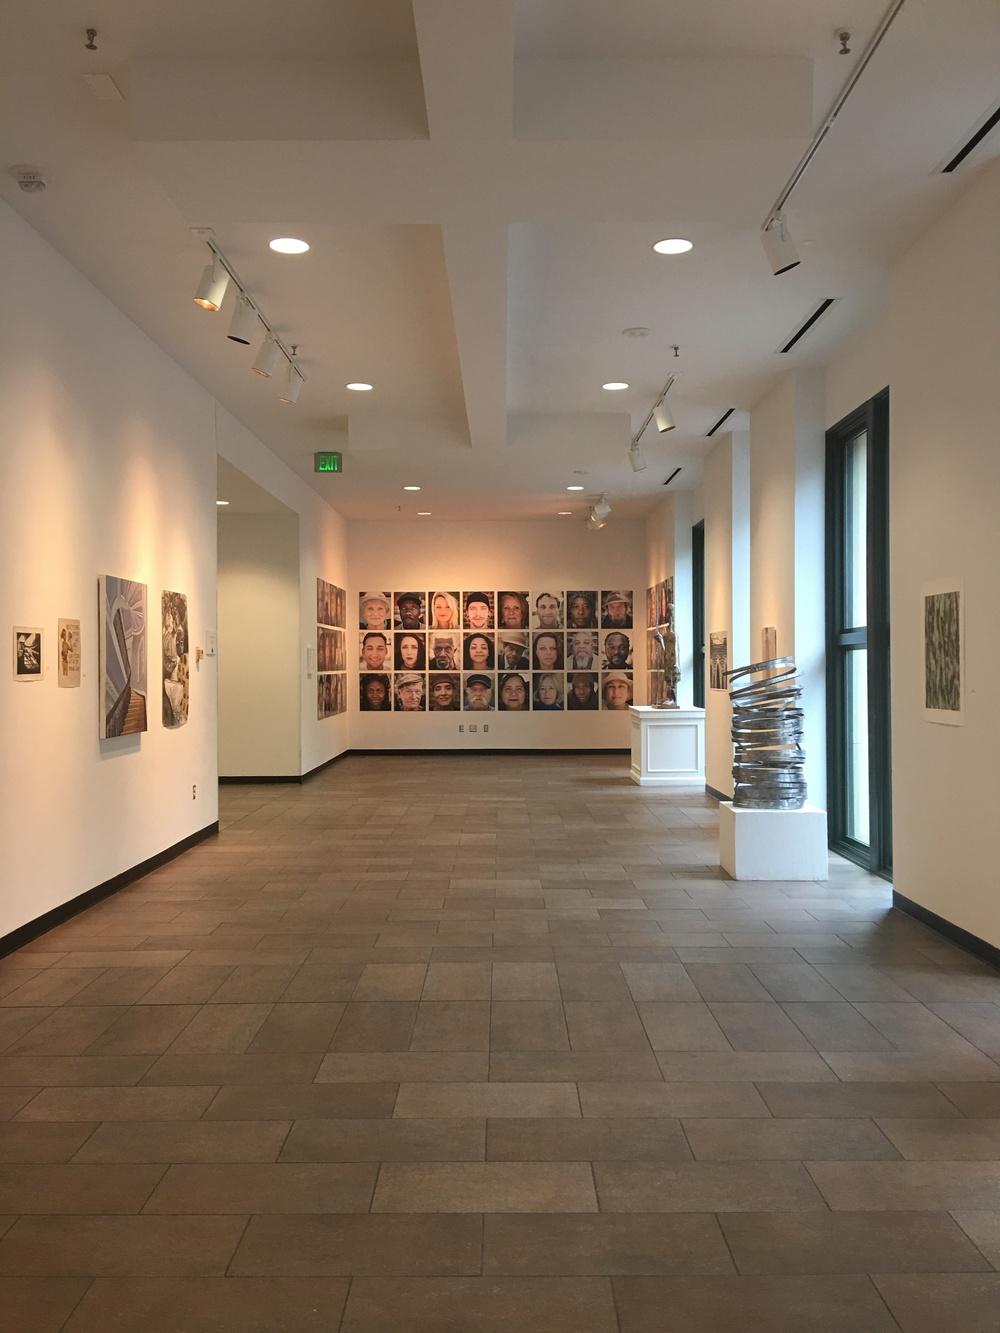 Halsey Gallery